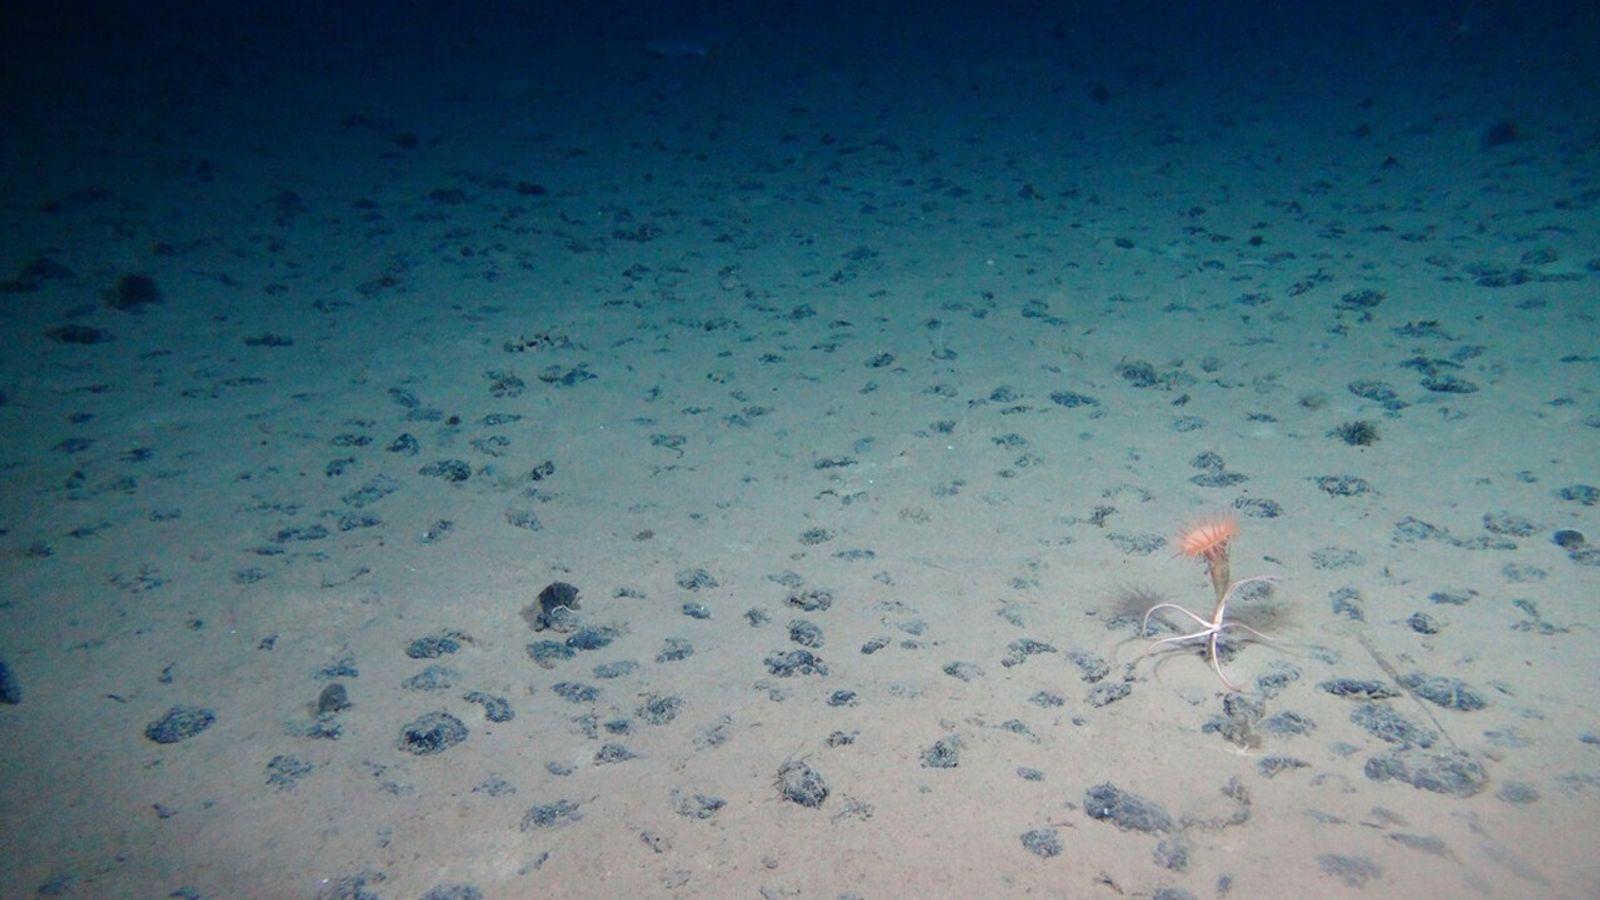 Manganknollen auf dem Meeresboden der Clarion-Clipperton-Bruchzone im Pazifik: ein wertvoller Lebensraum für Tiefseebewohner wie Schlangensterne und ...